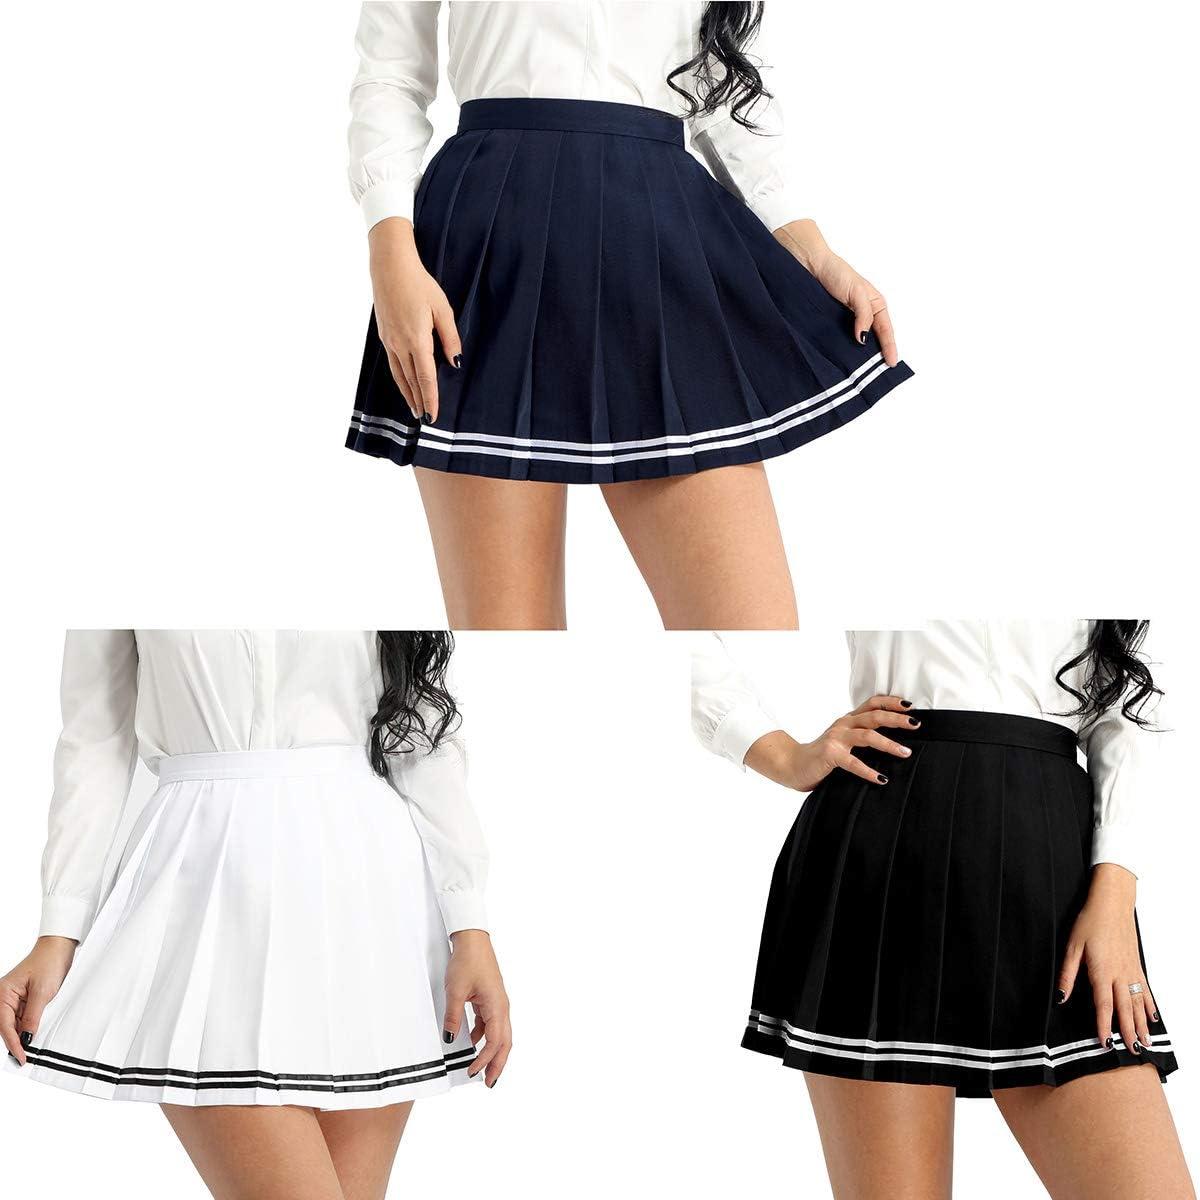 inlzdz Mujeres Kawaii Falda Corta Japones Coreano Británico Falda ...